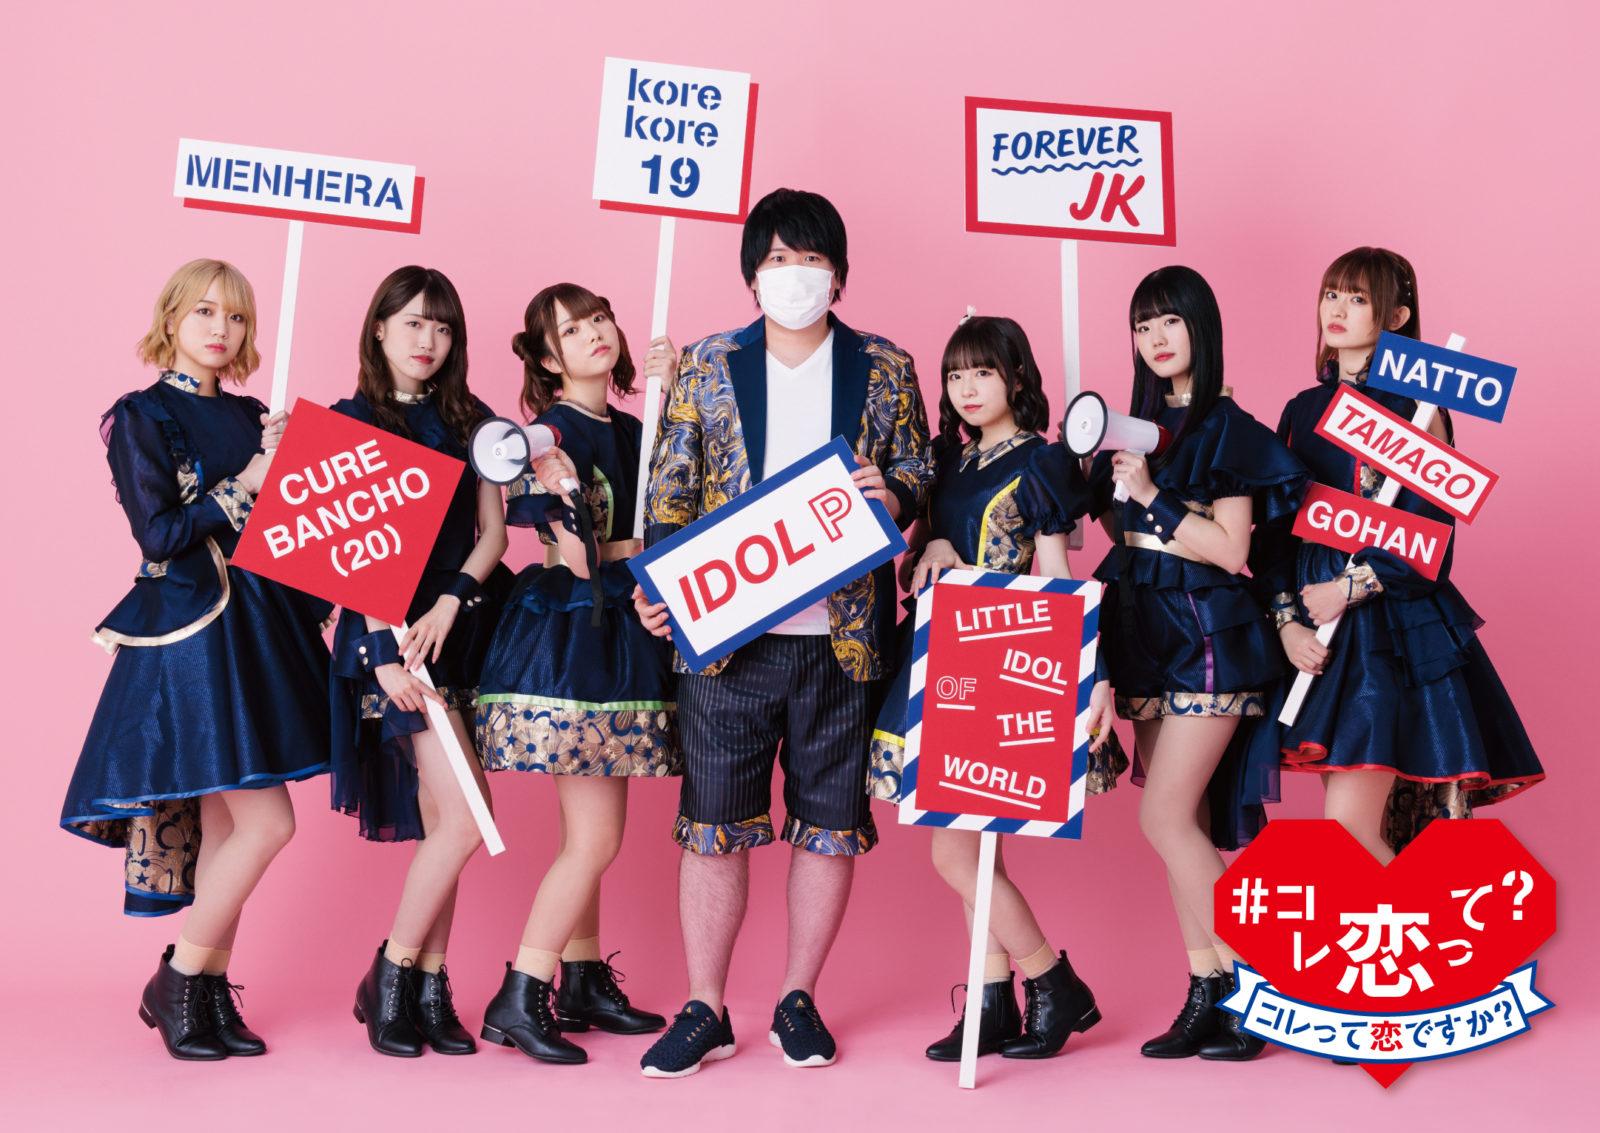 コレ恋、新曲ドキュメントMV「くたばる or サバイバル」をゲリラリリース&10月上旬に修行ロケ企画もスタートサムネイル画像